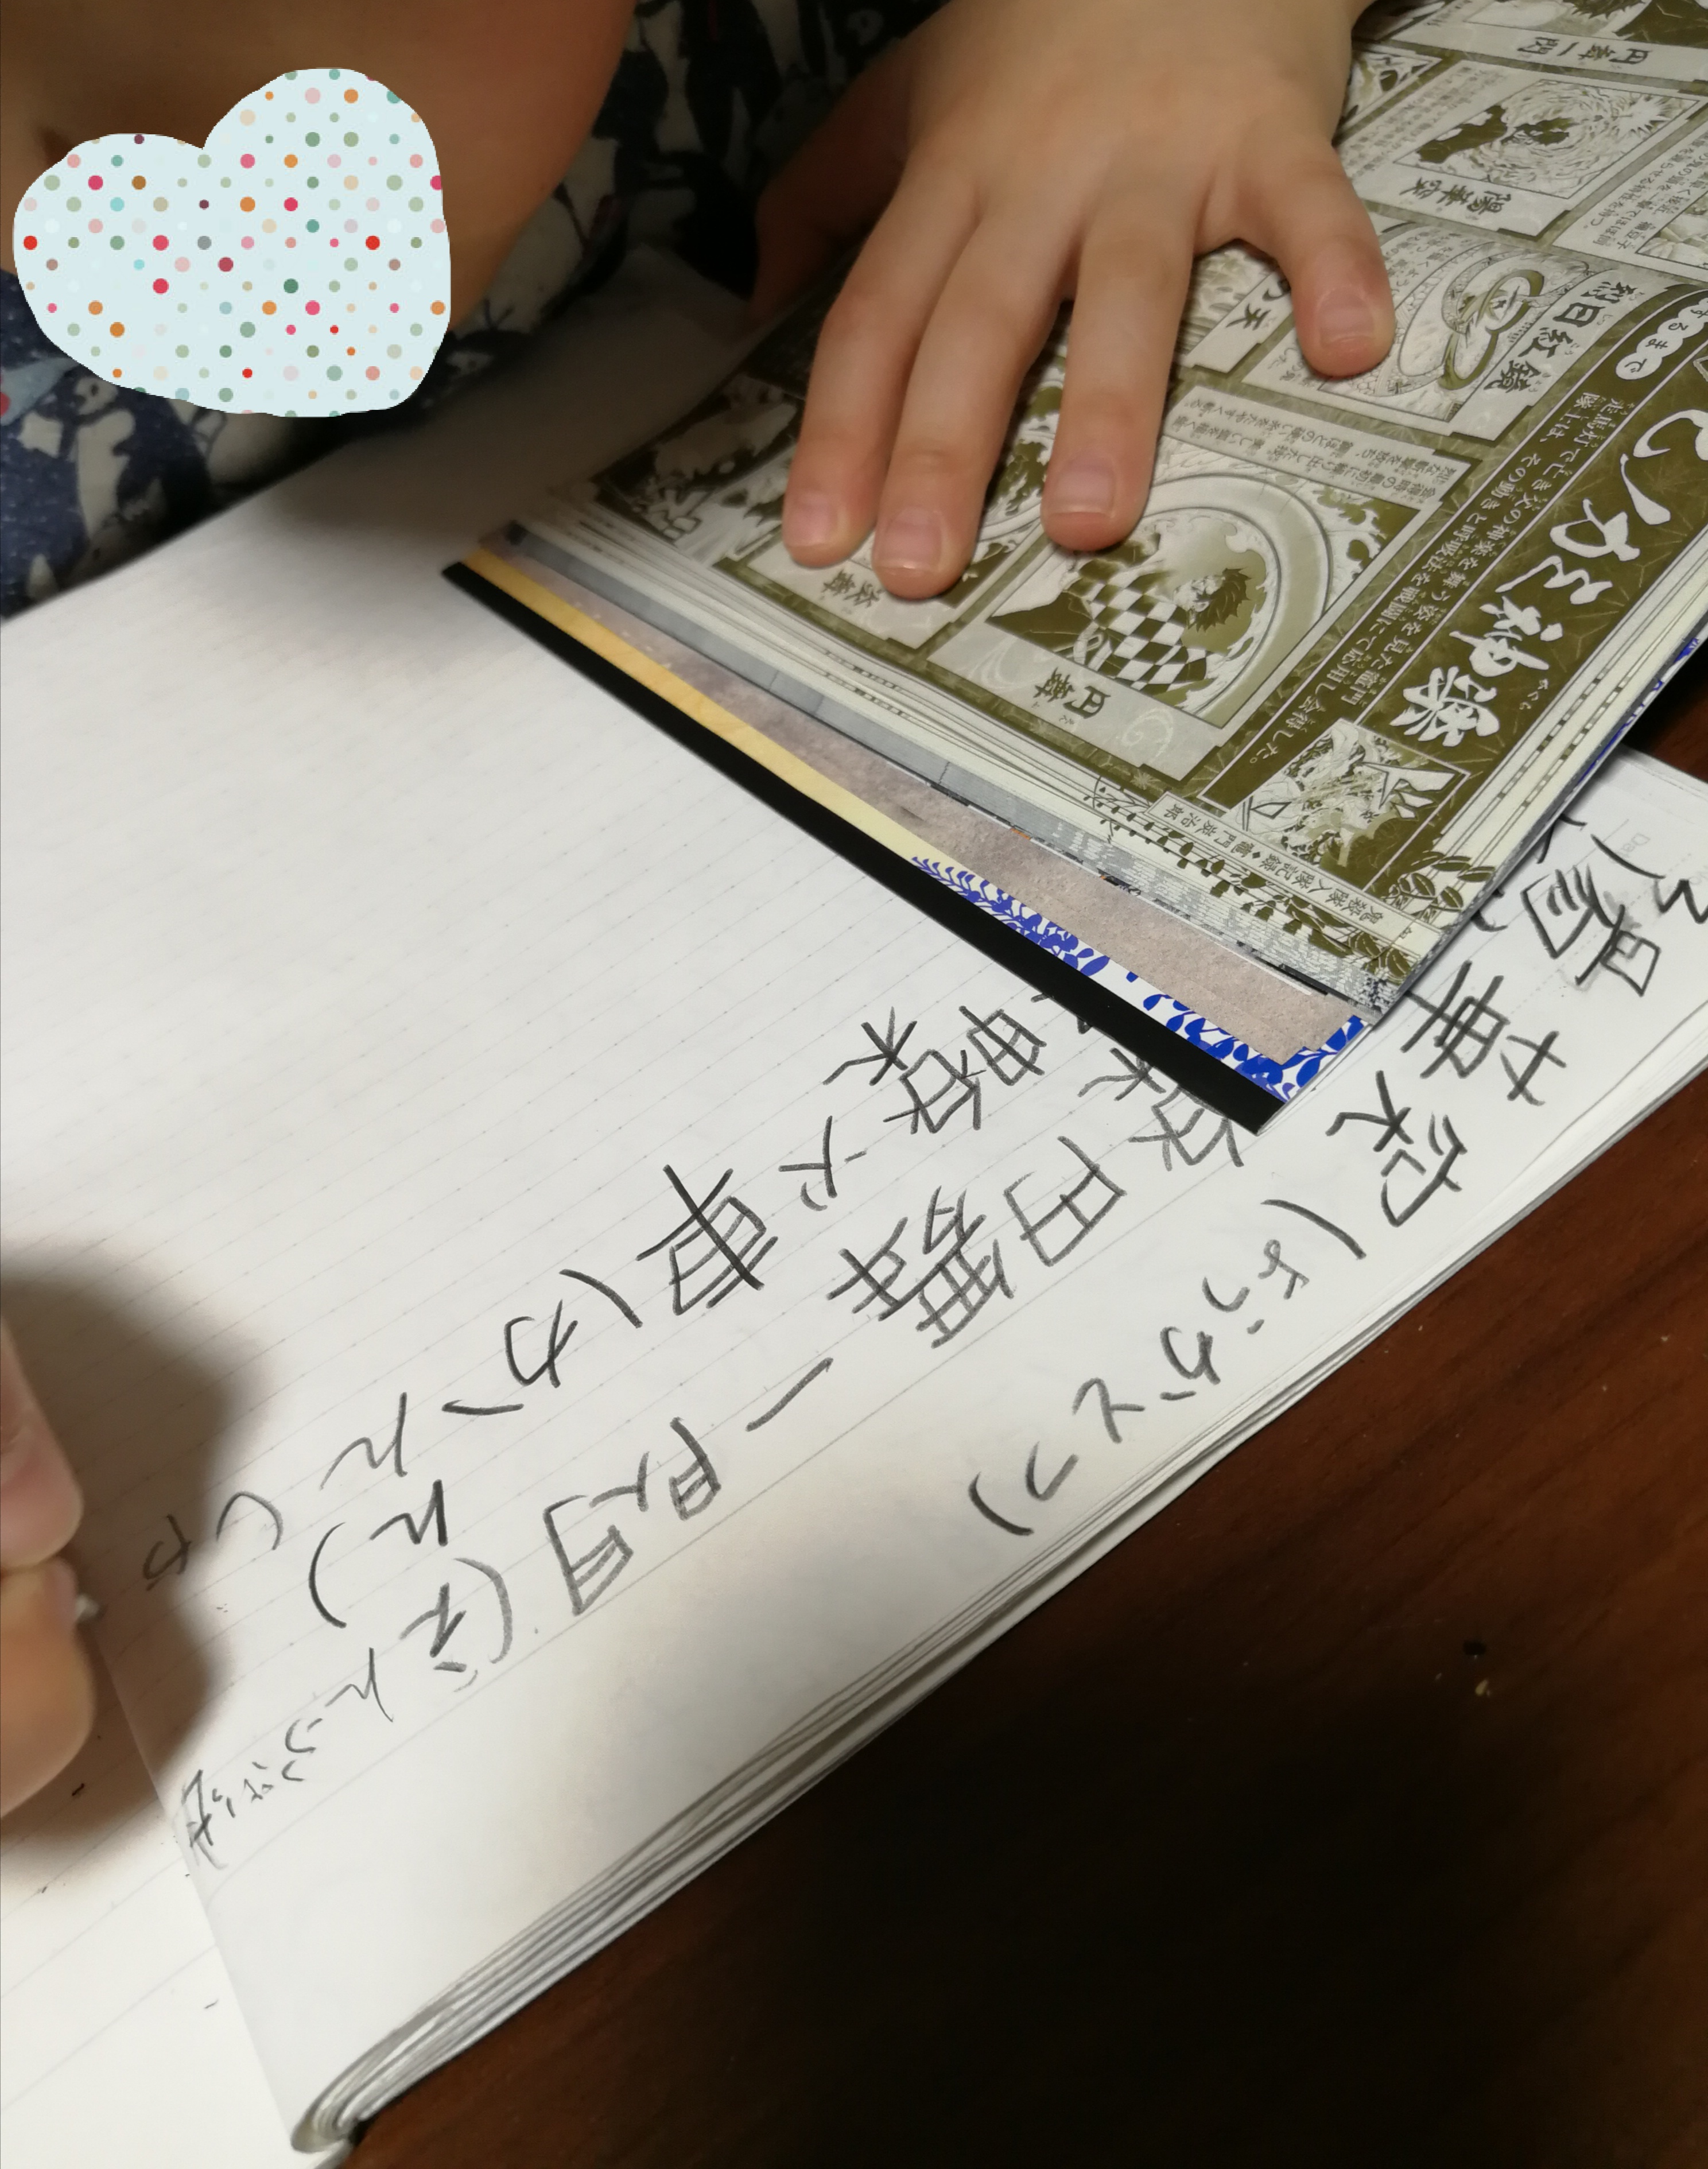 鬼滅の刃は漢字学習に最適だった!